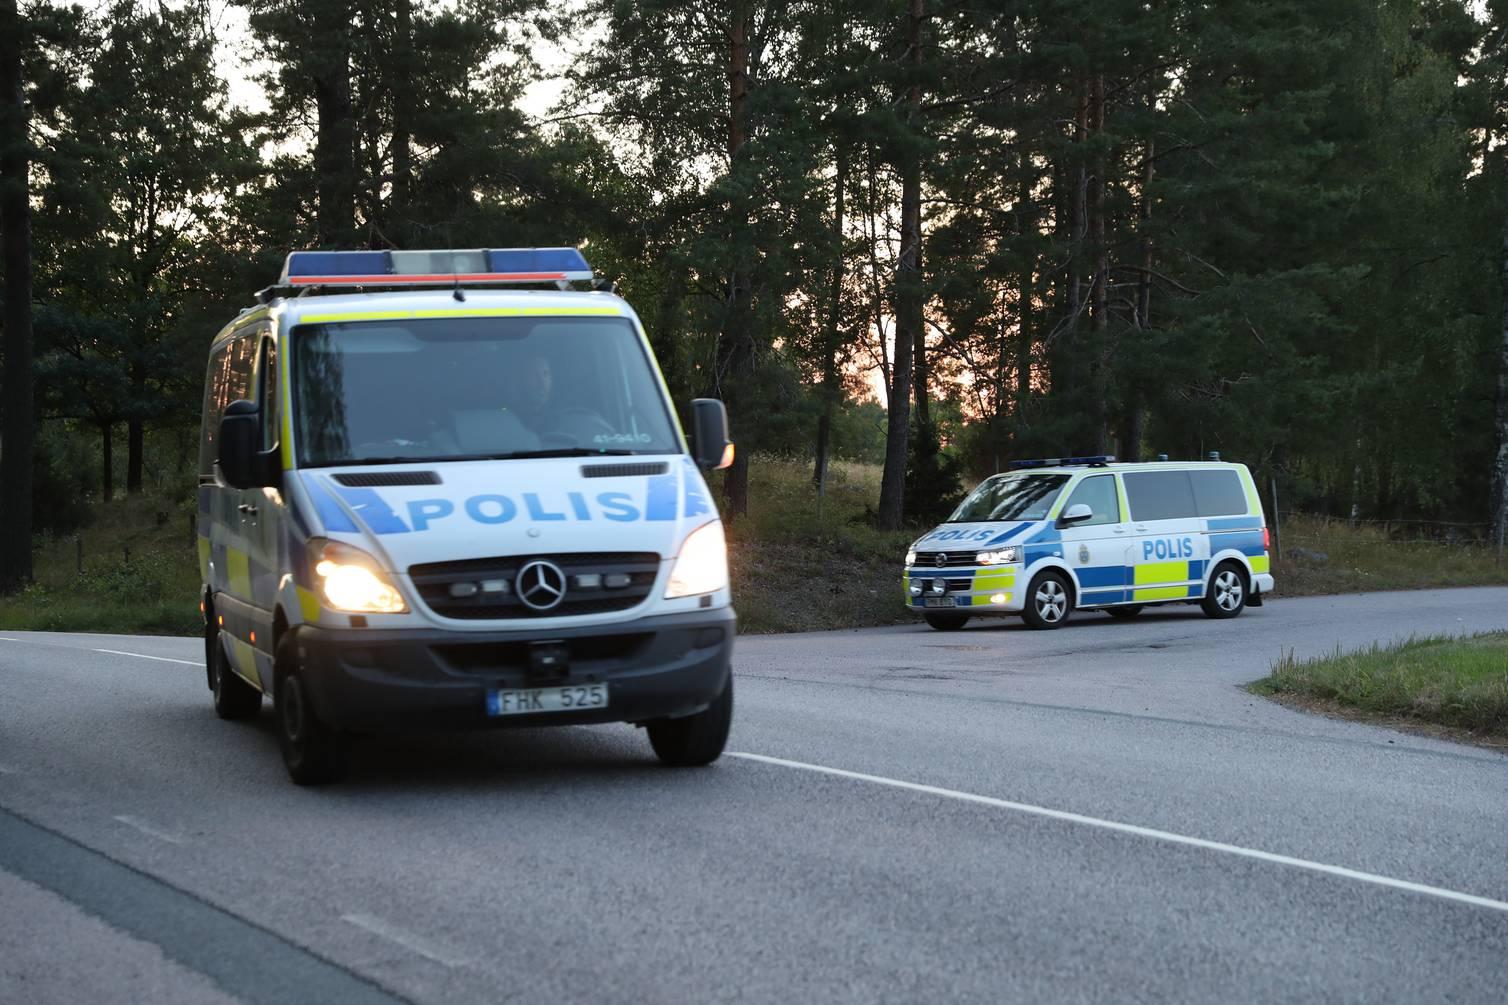 Tras 20 pizzas y nueve horas de negociación terminó toma de rehenes en cárcel de Suecia